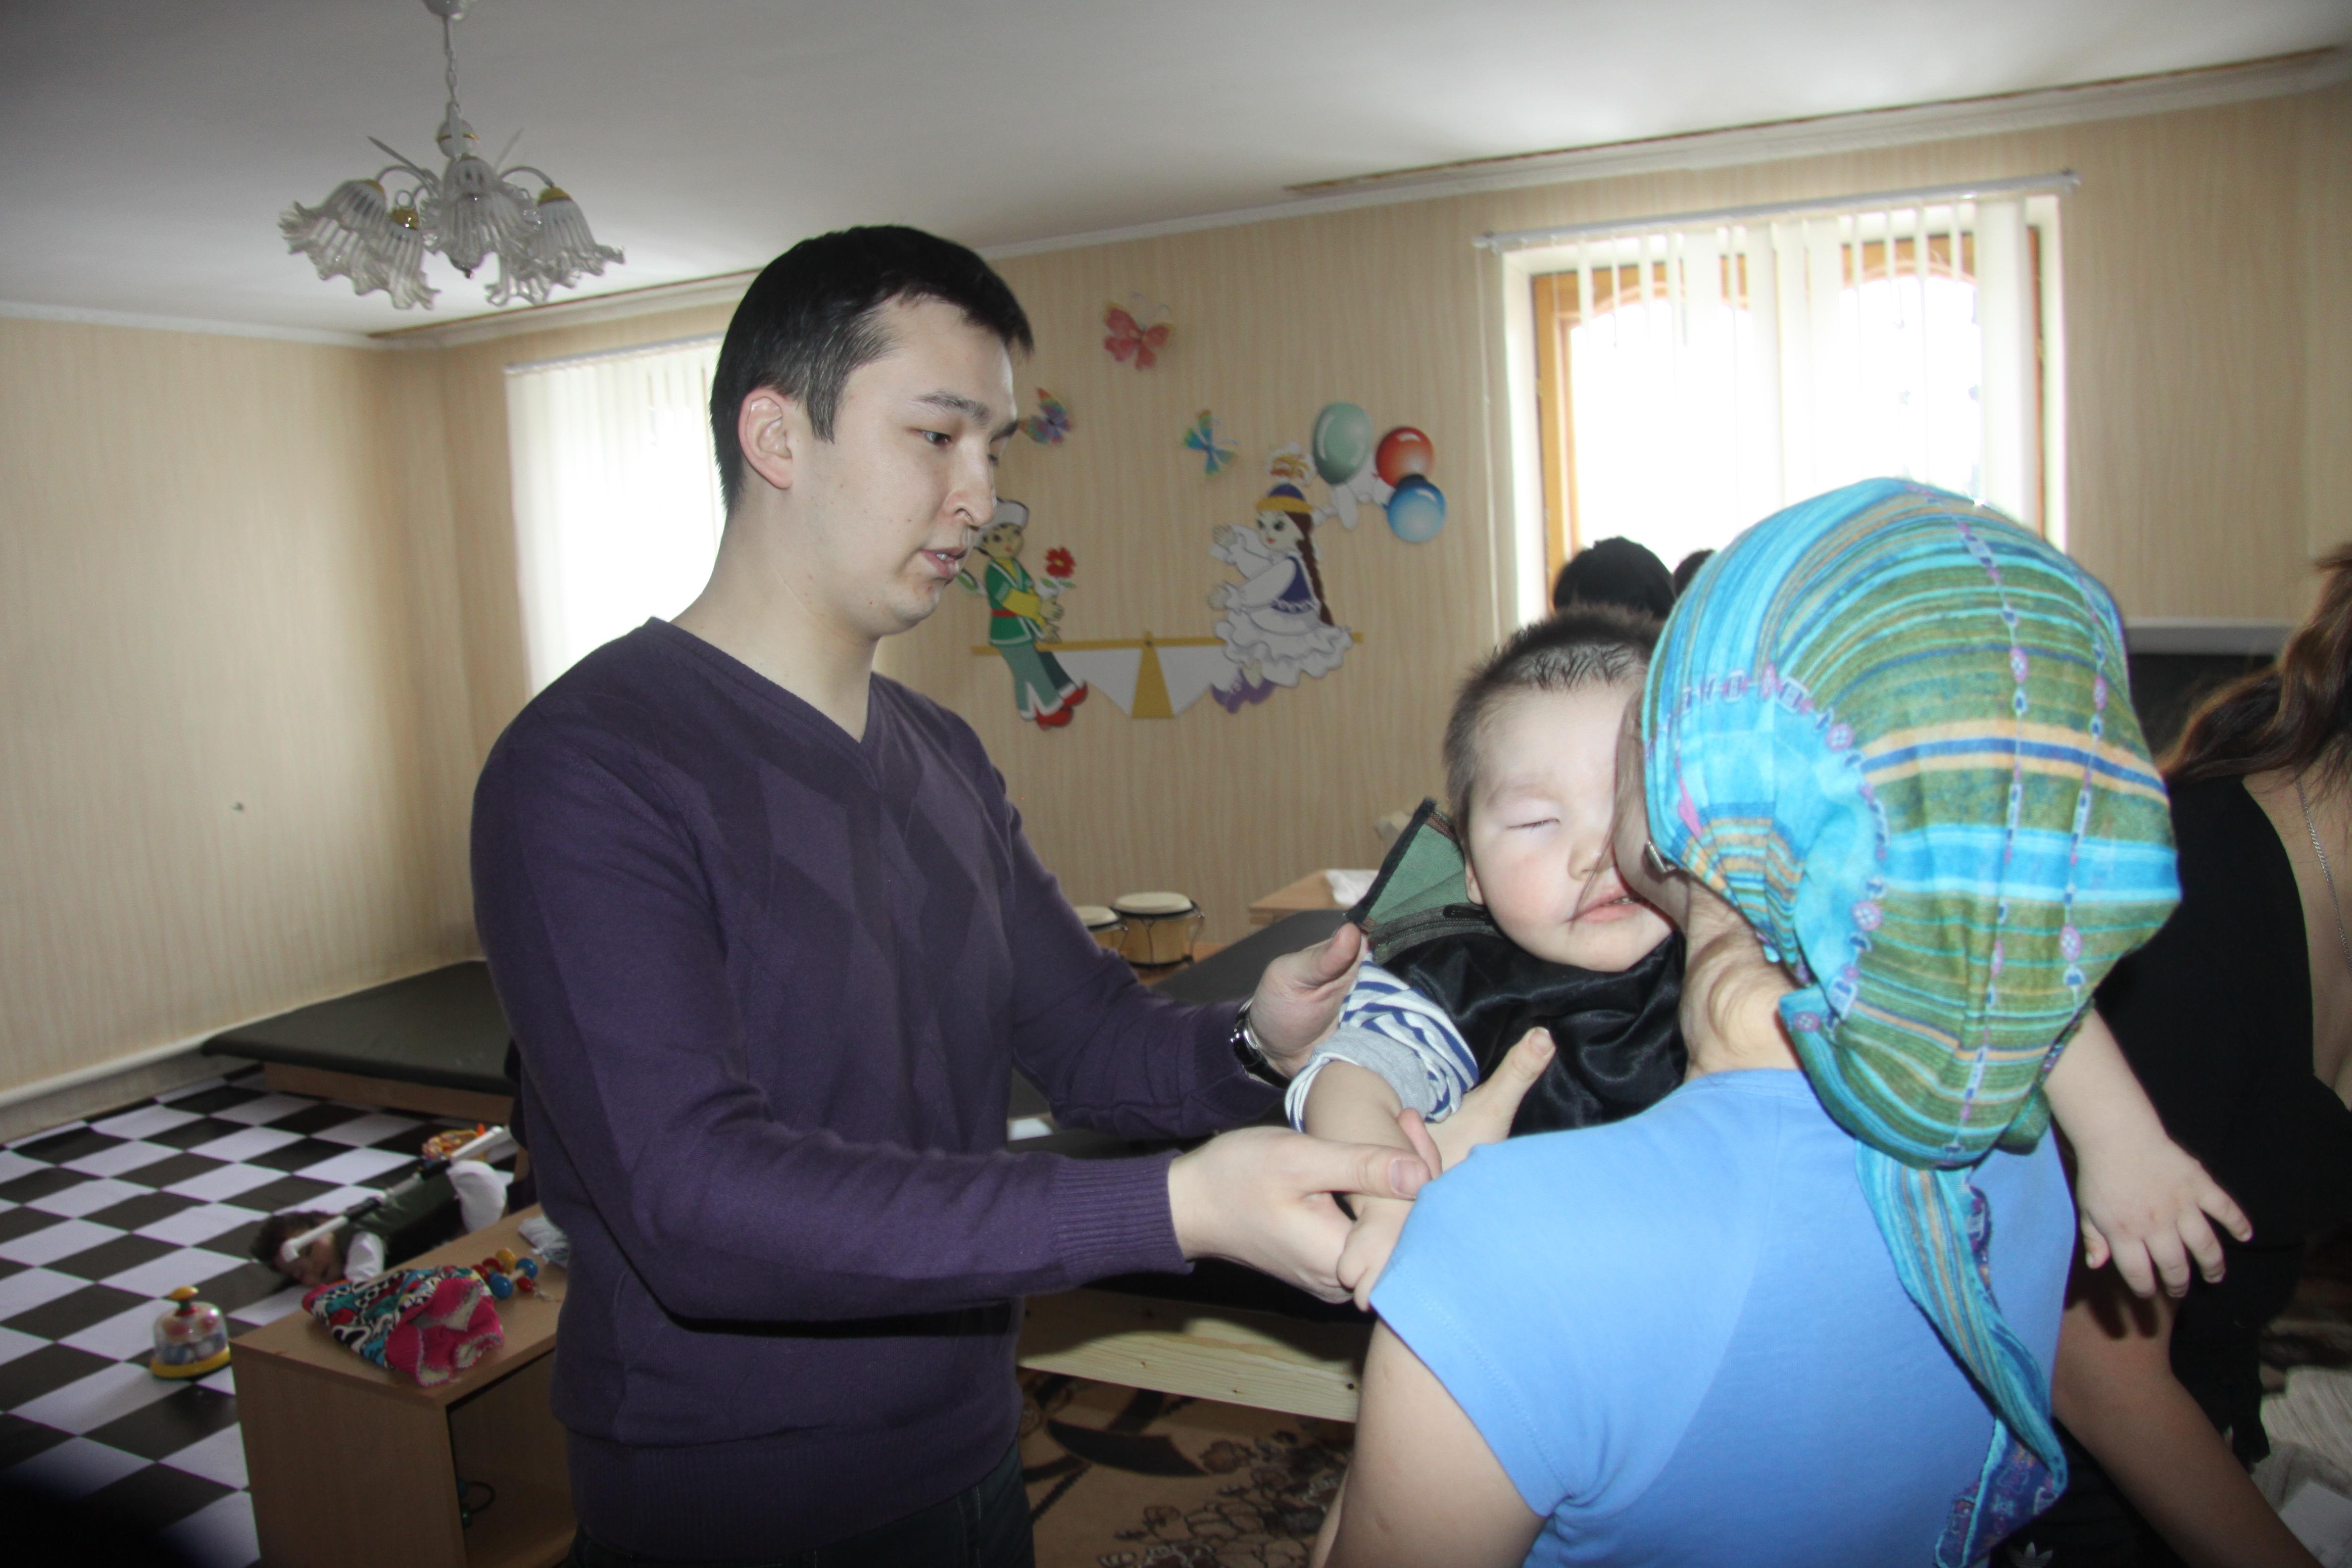 Японкки обучаются первому оргазму в клиники 19 фотография